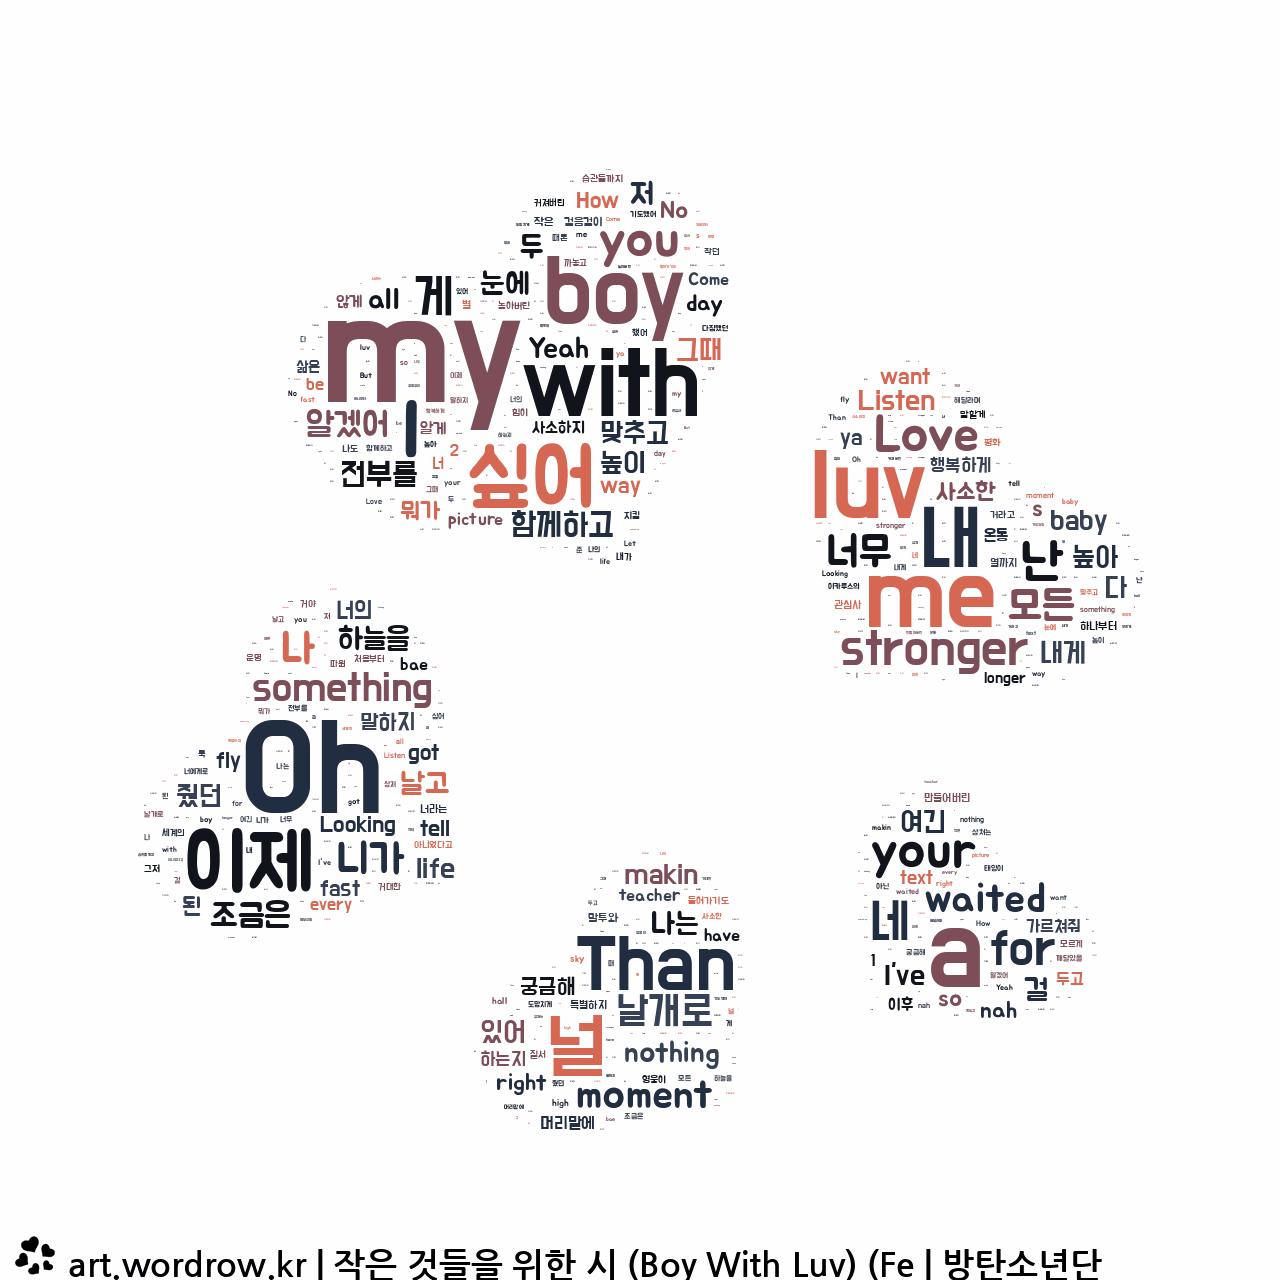 워드 클라우드: 작은 것들을 위한 시 (Boy With Luv) (Feat. Halsey) [방탄소년단]-4